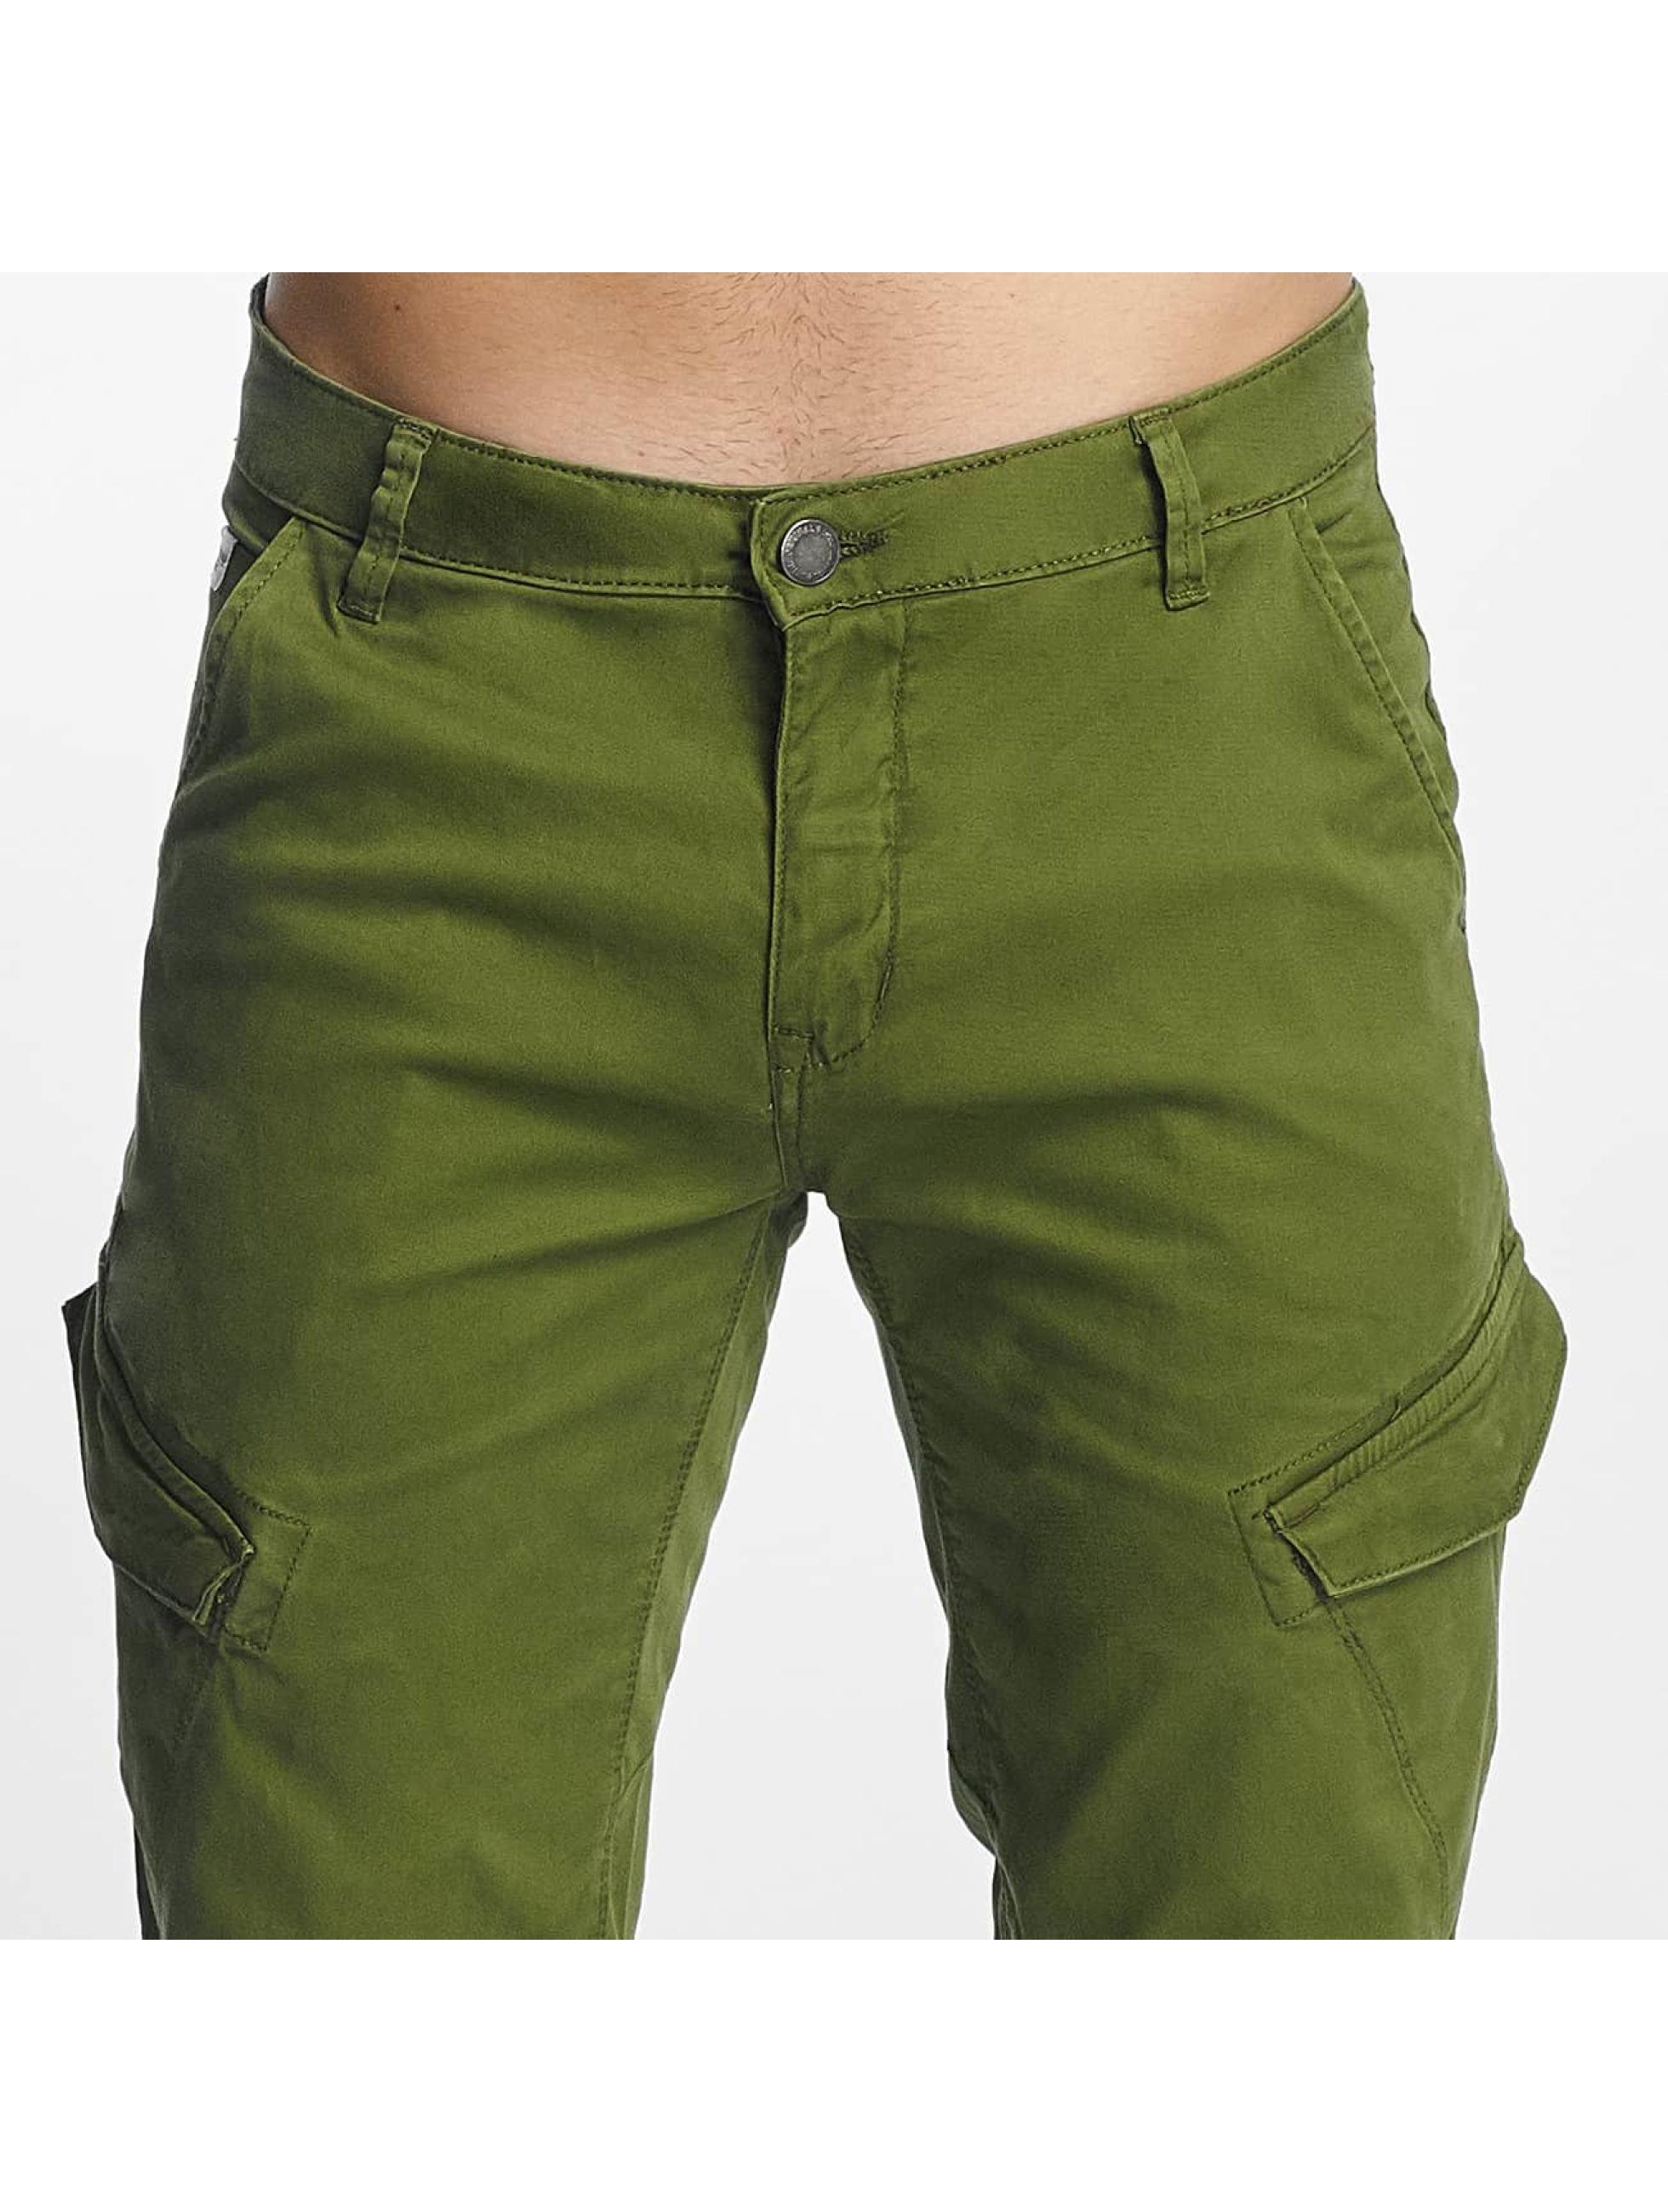 SHINE Original Spodnie Chino/Cargo Slim zielony